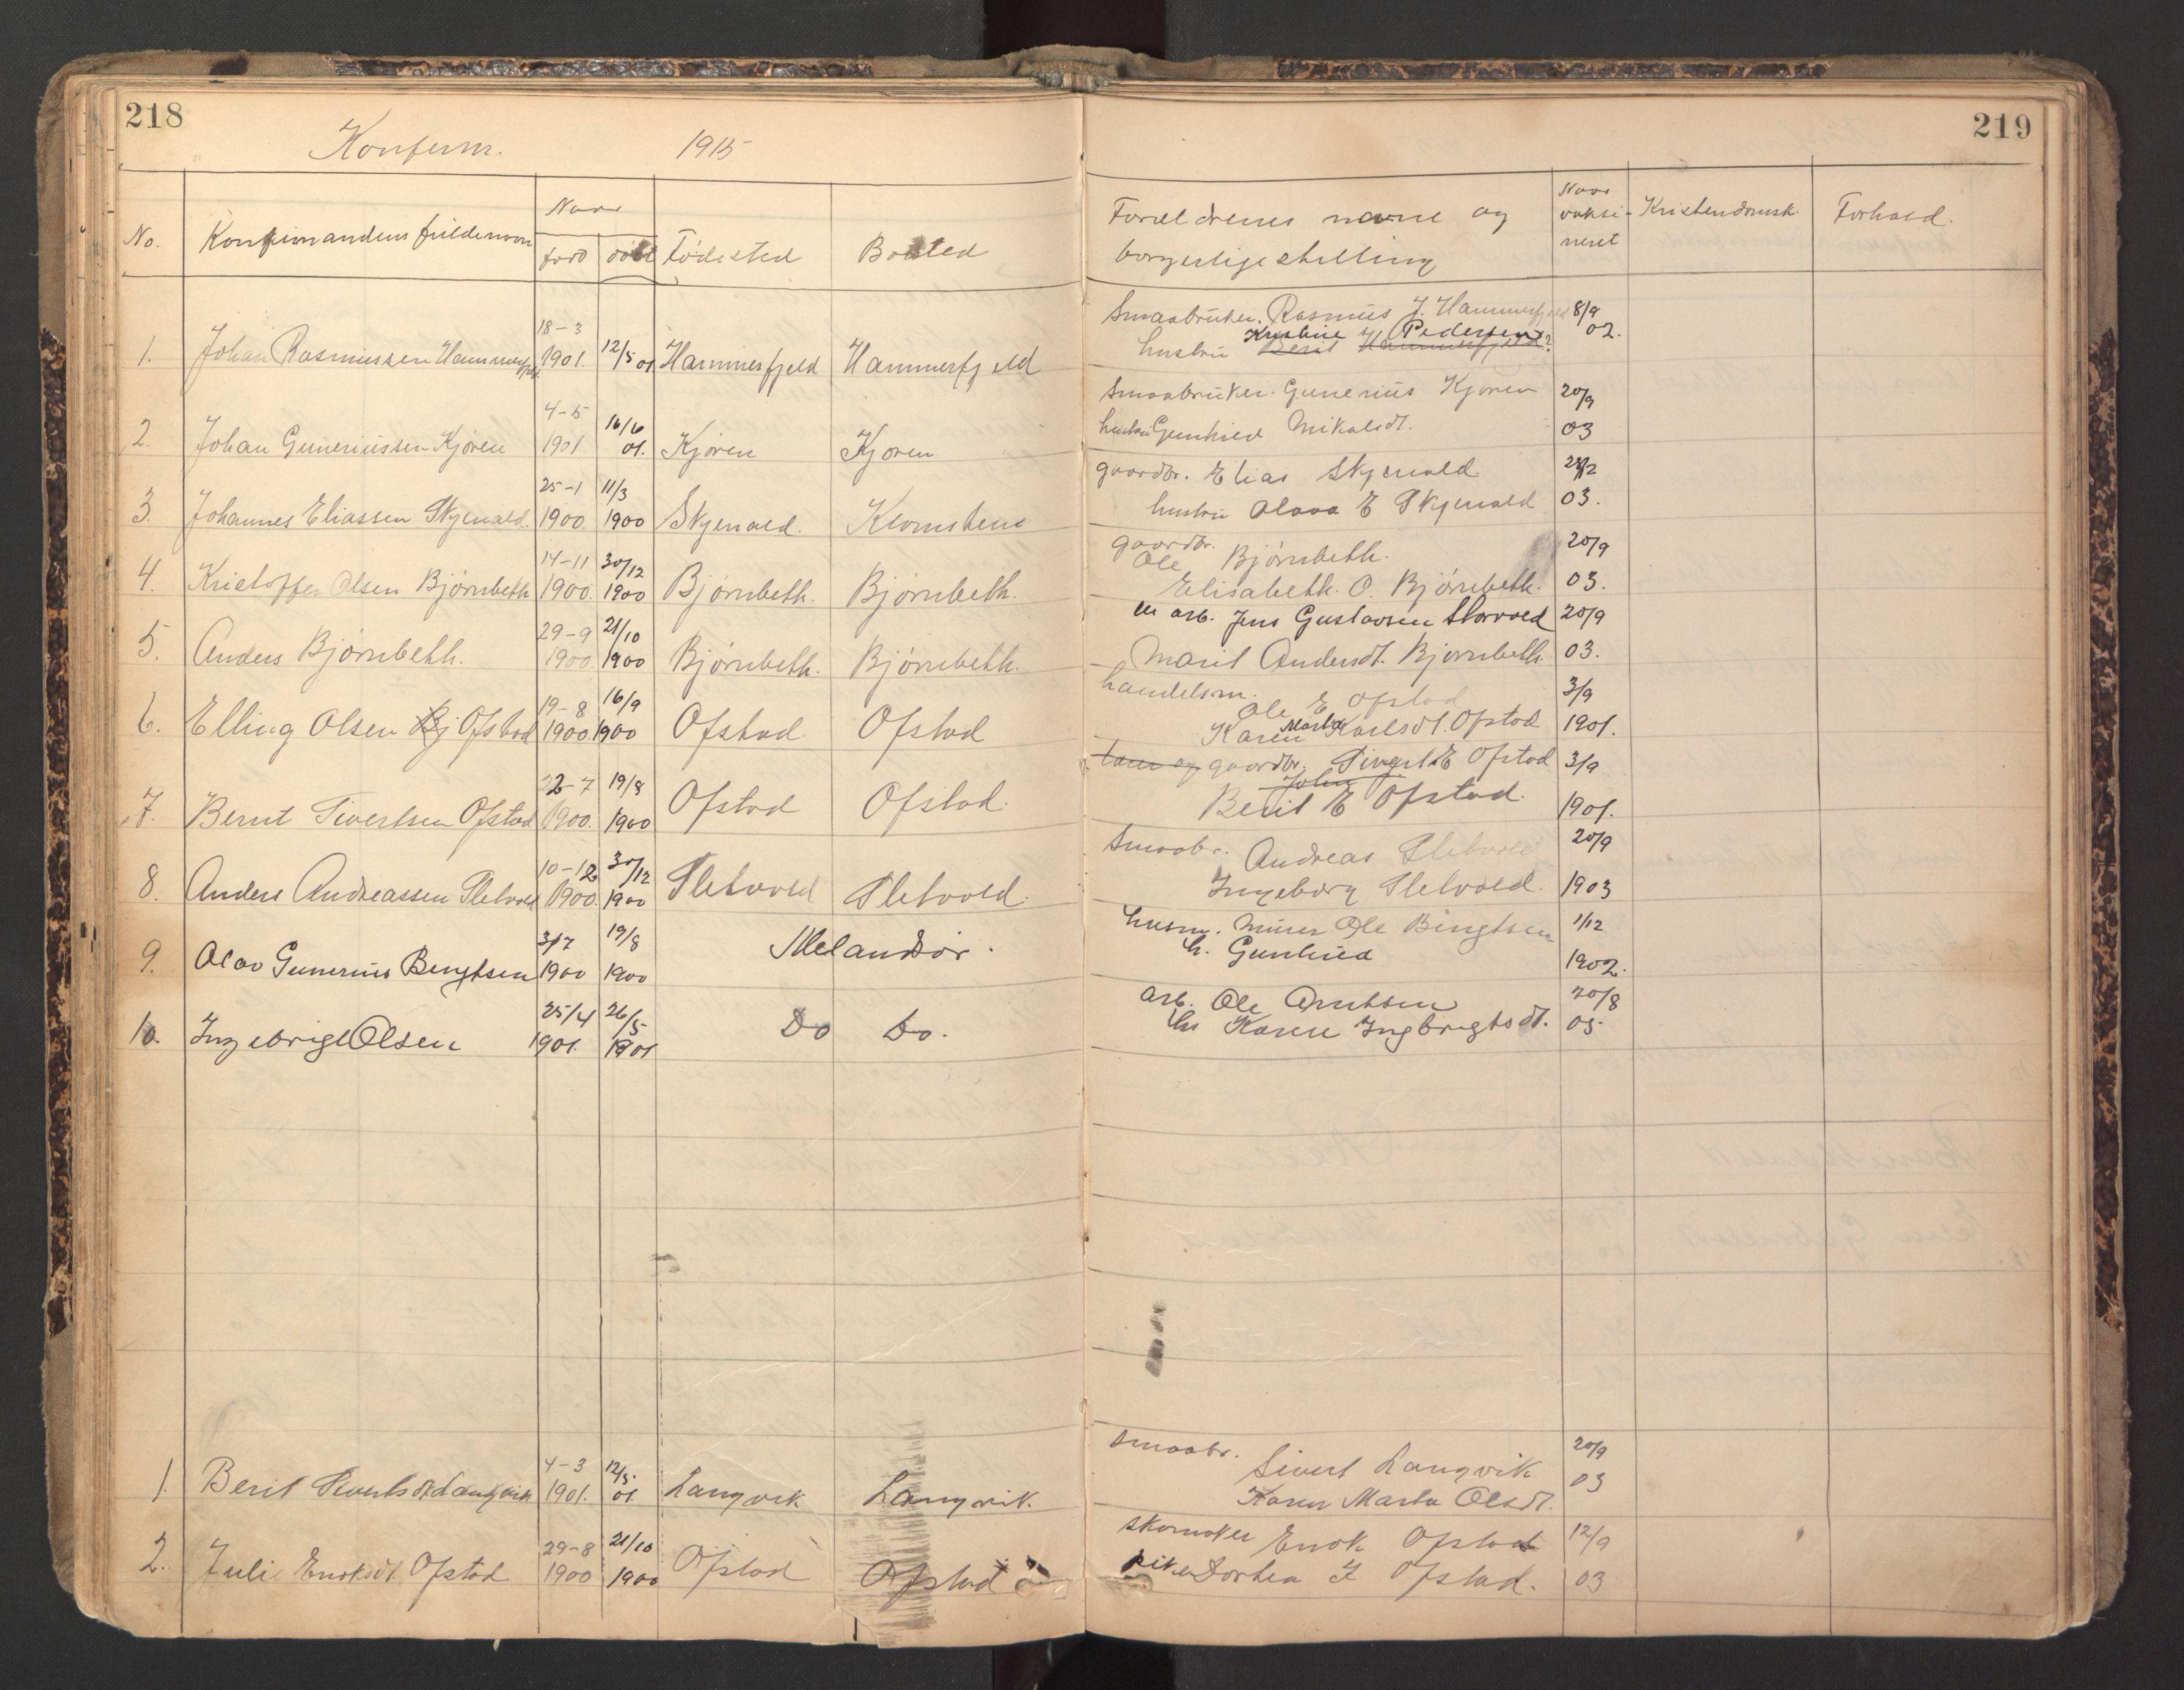 SAT, Ministerialprotokoller, klokkerbøker og fødselsregistre - Sør-Trøndelag, 670/L0837: Klokkerbok nr. 670C01, 1905-1946, s. 218-219